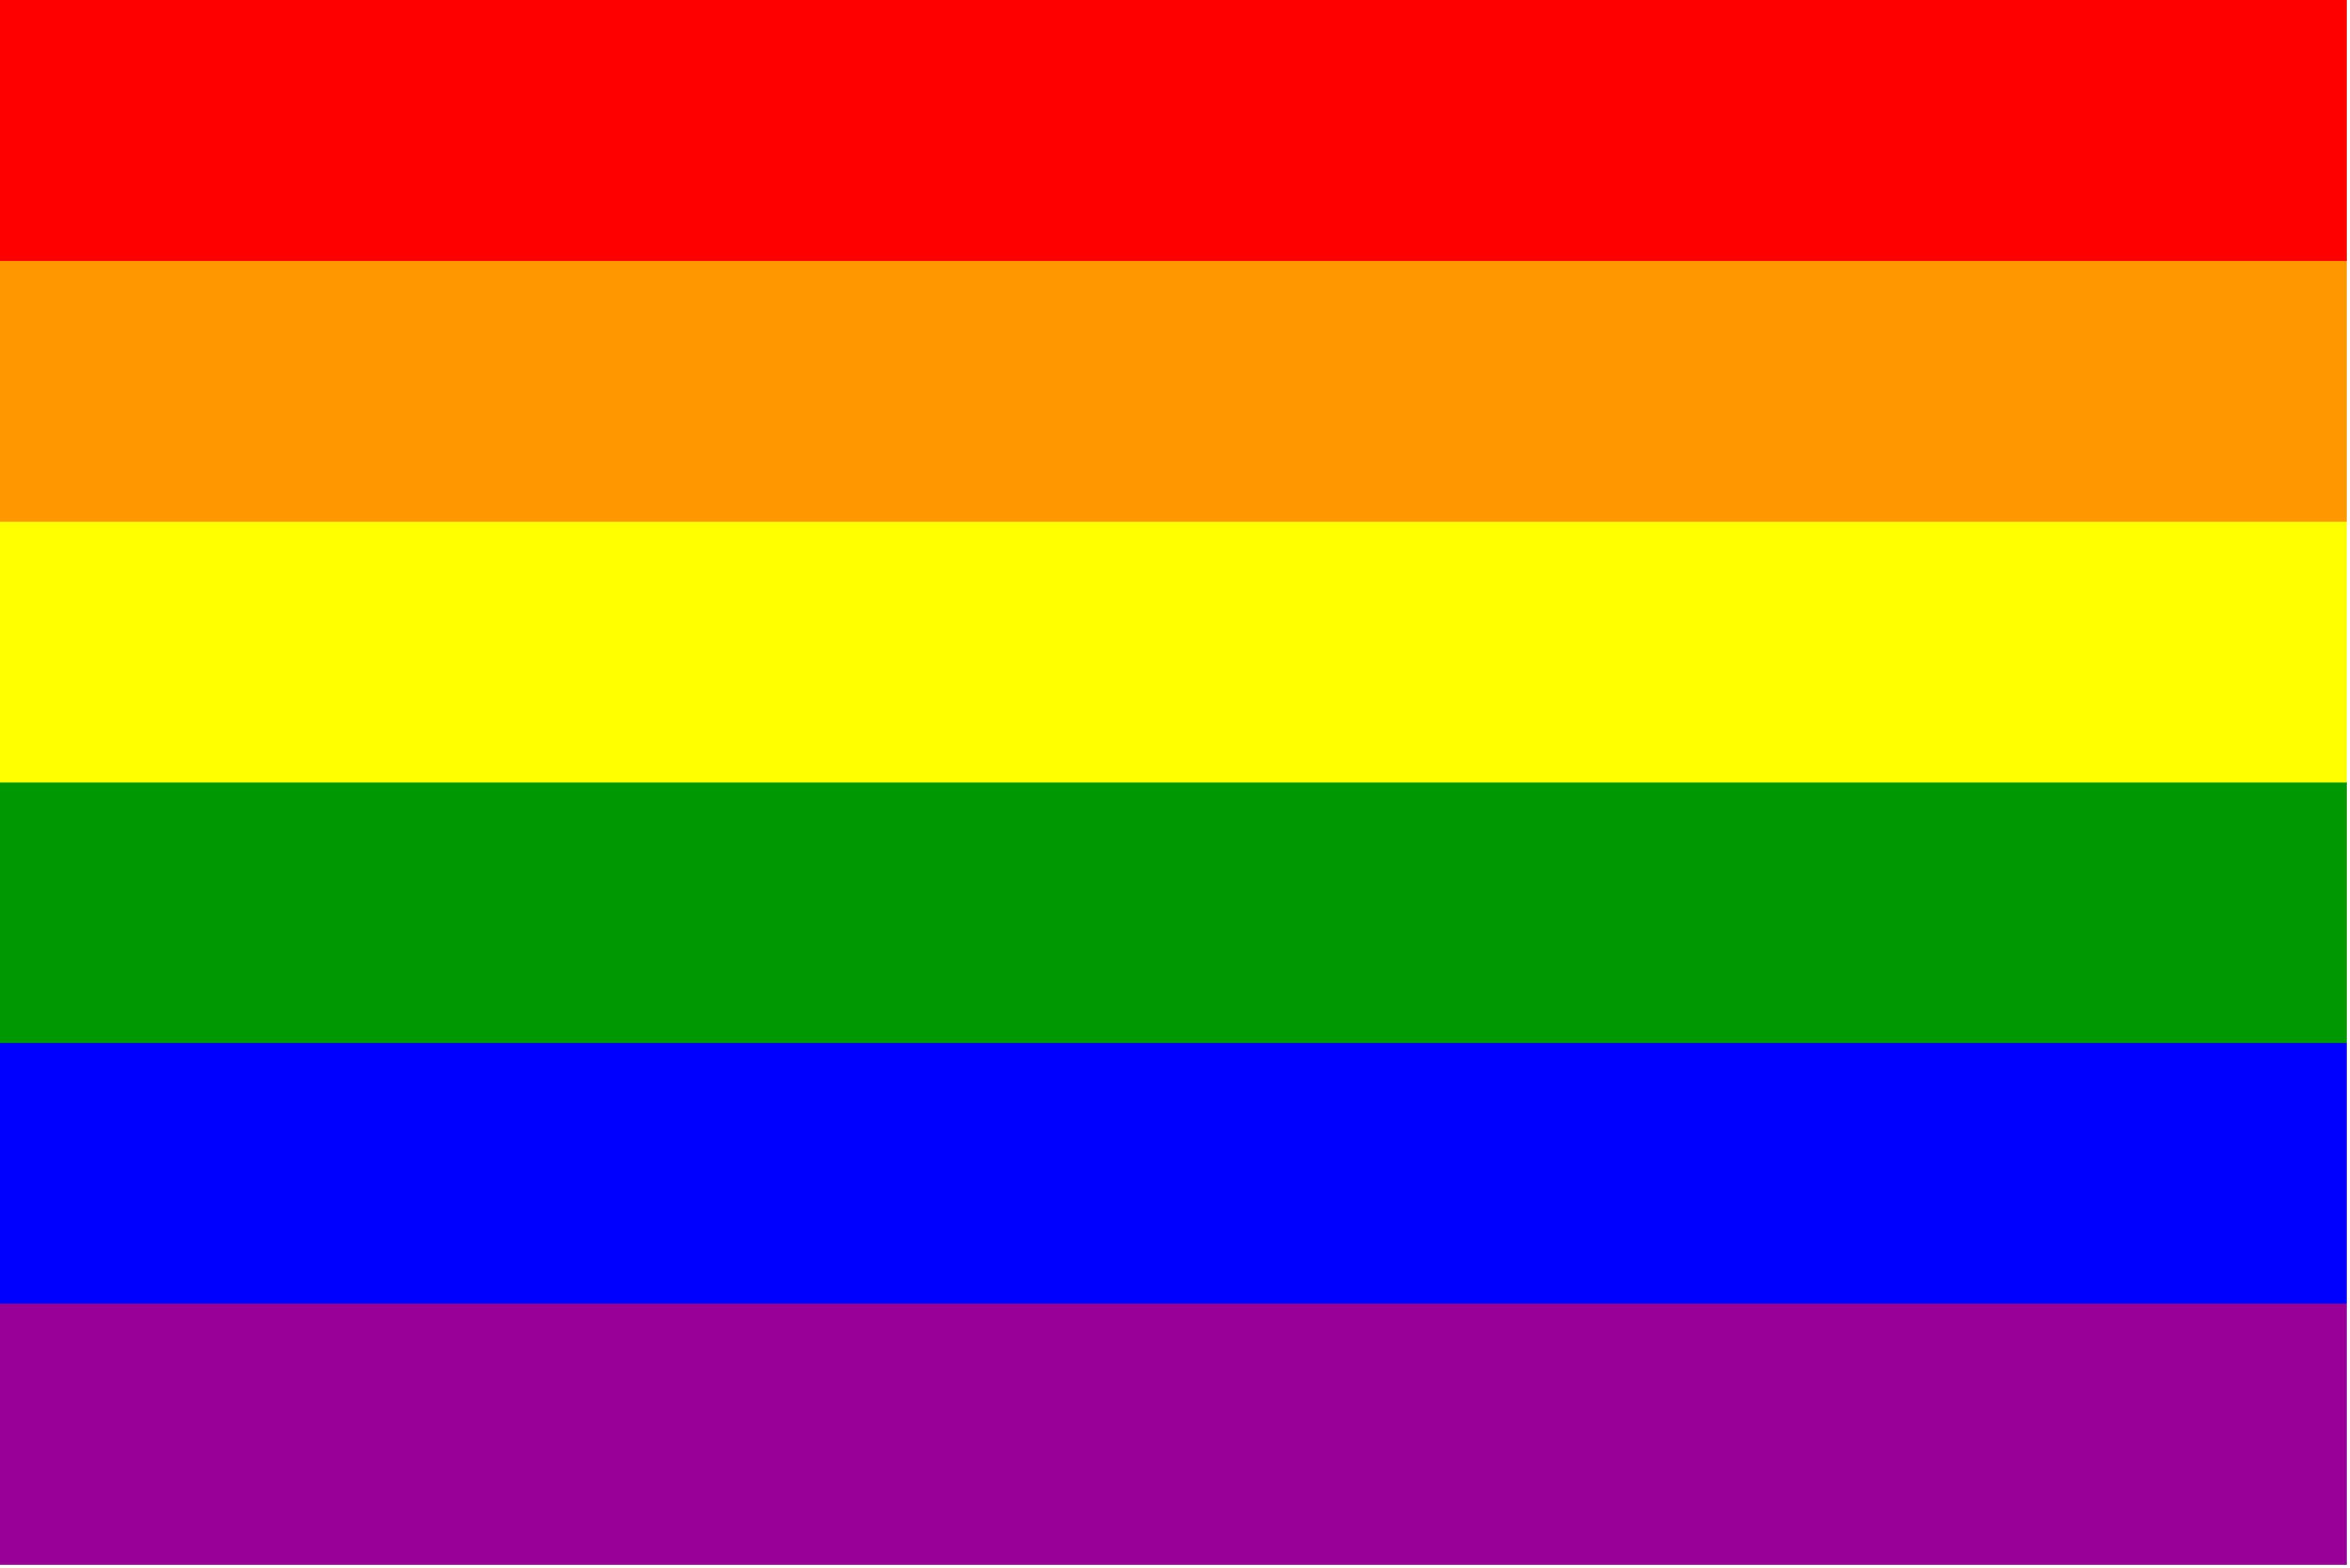 Pin On Gay Stuff